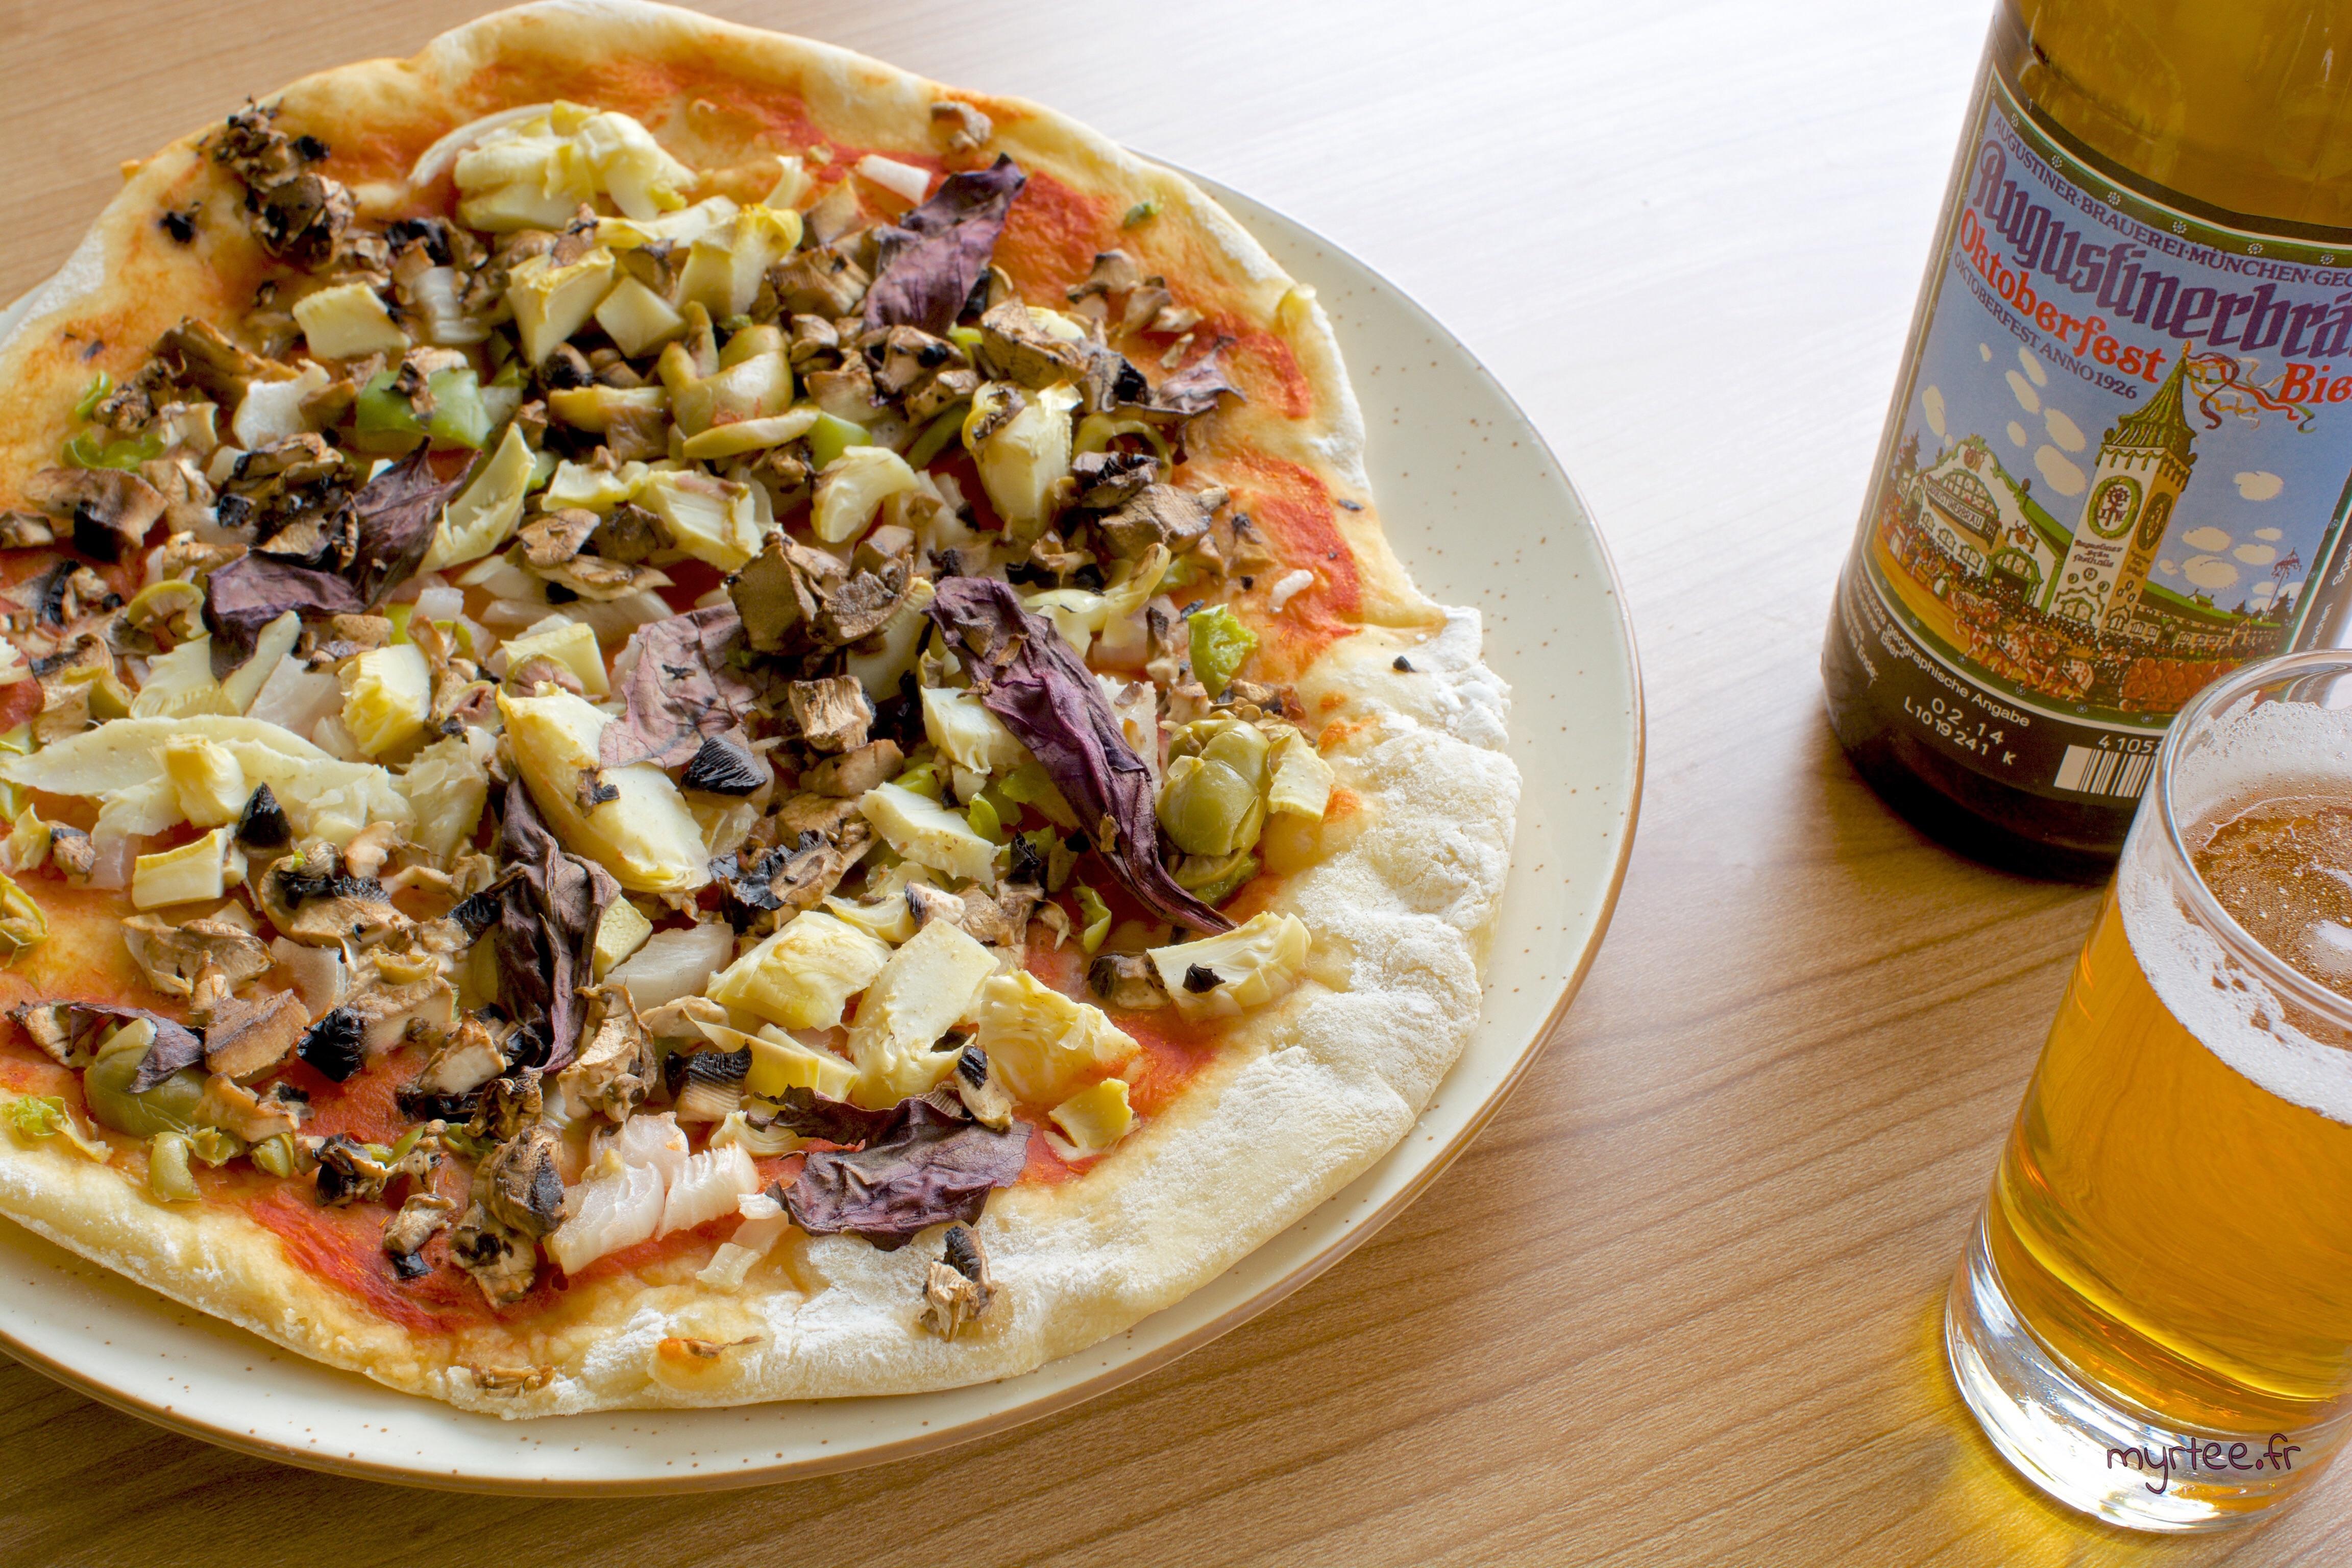 Pizza au coeur d'artichaut (vegan)